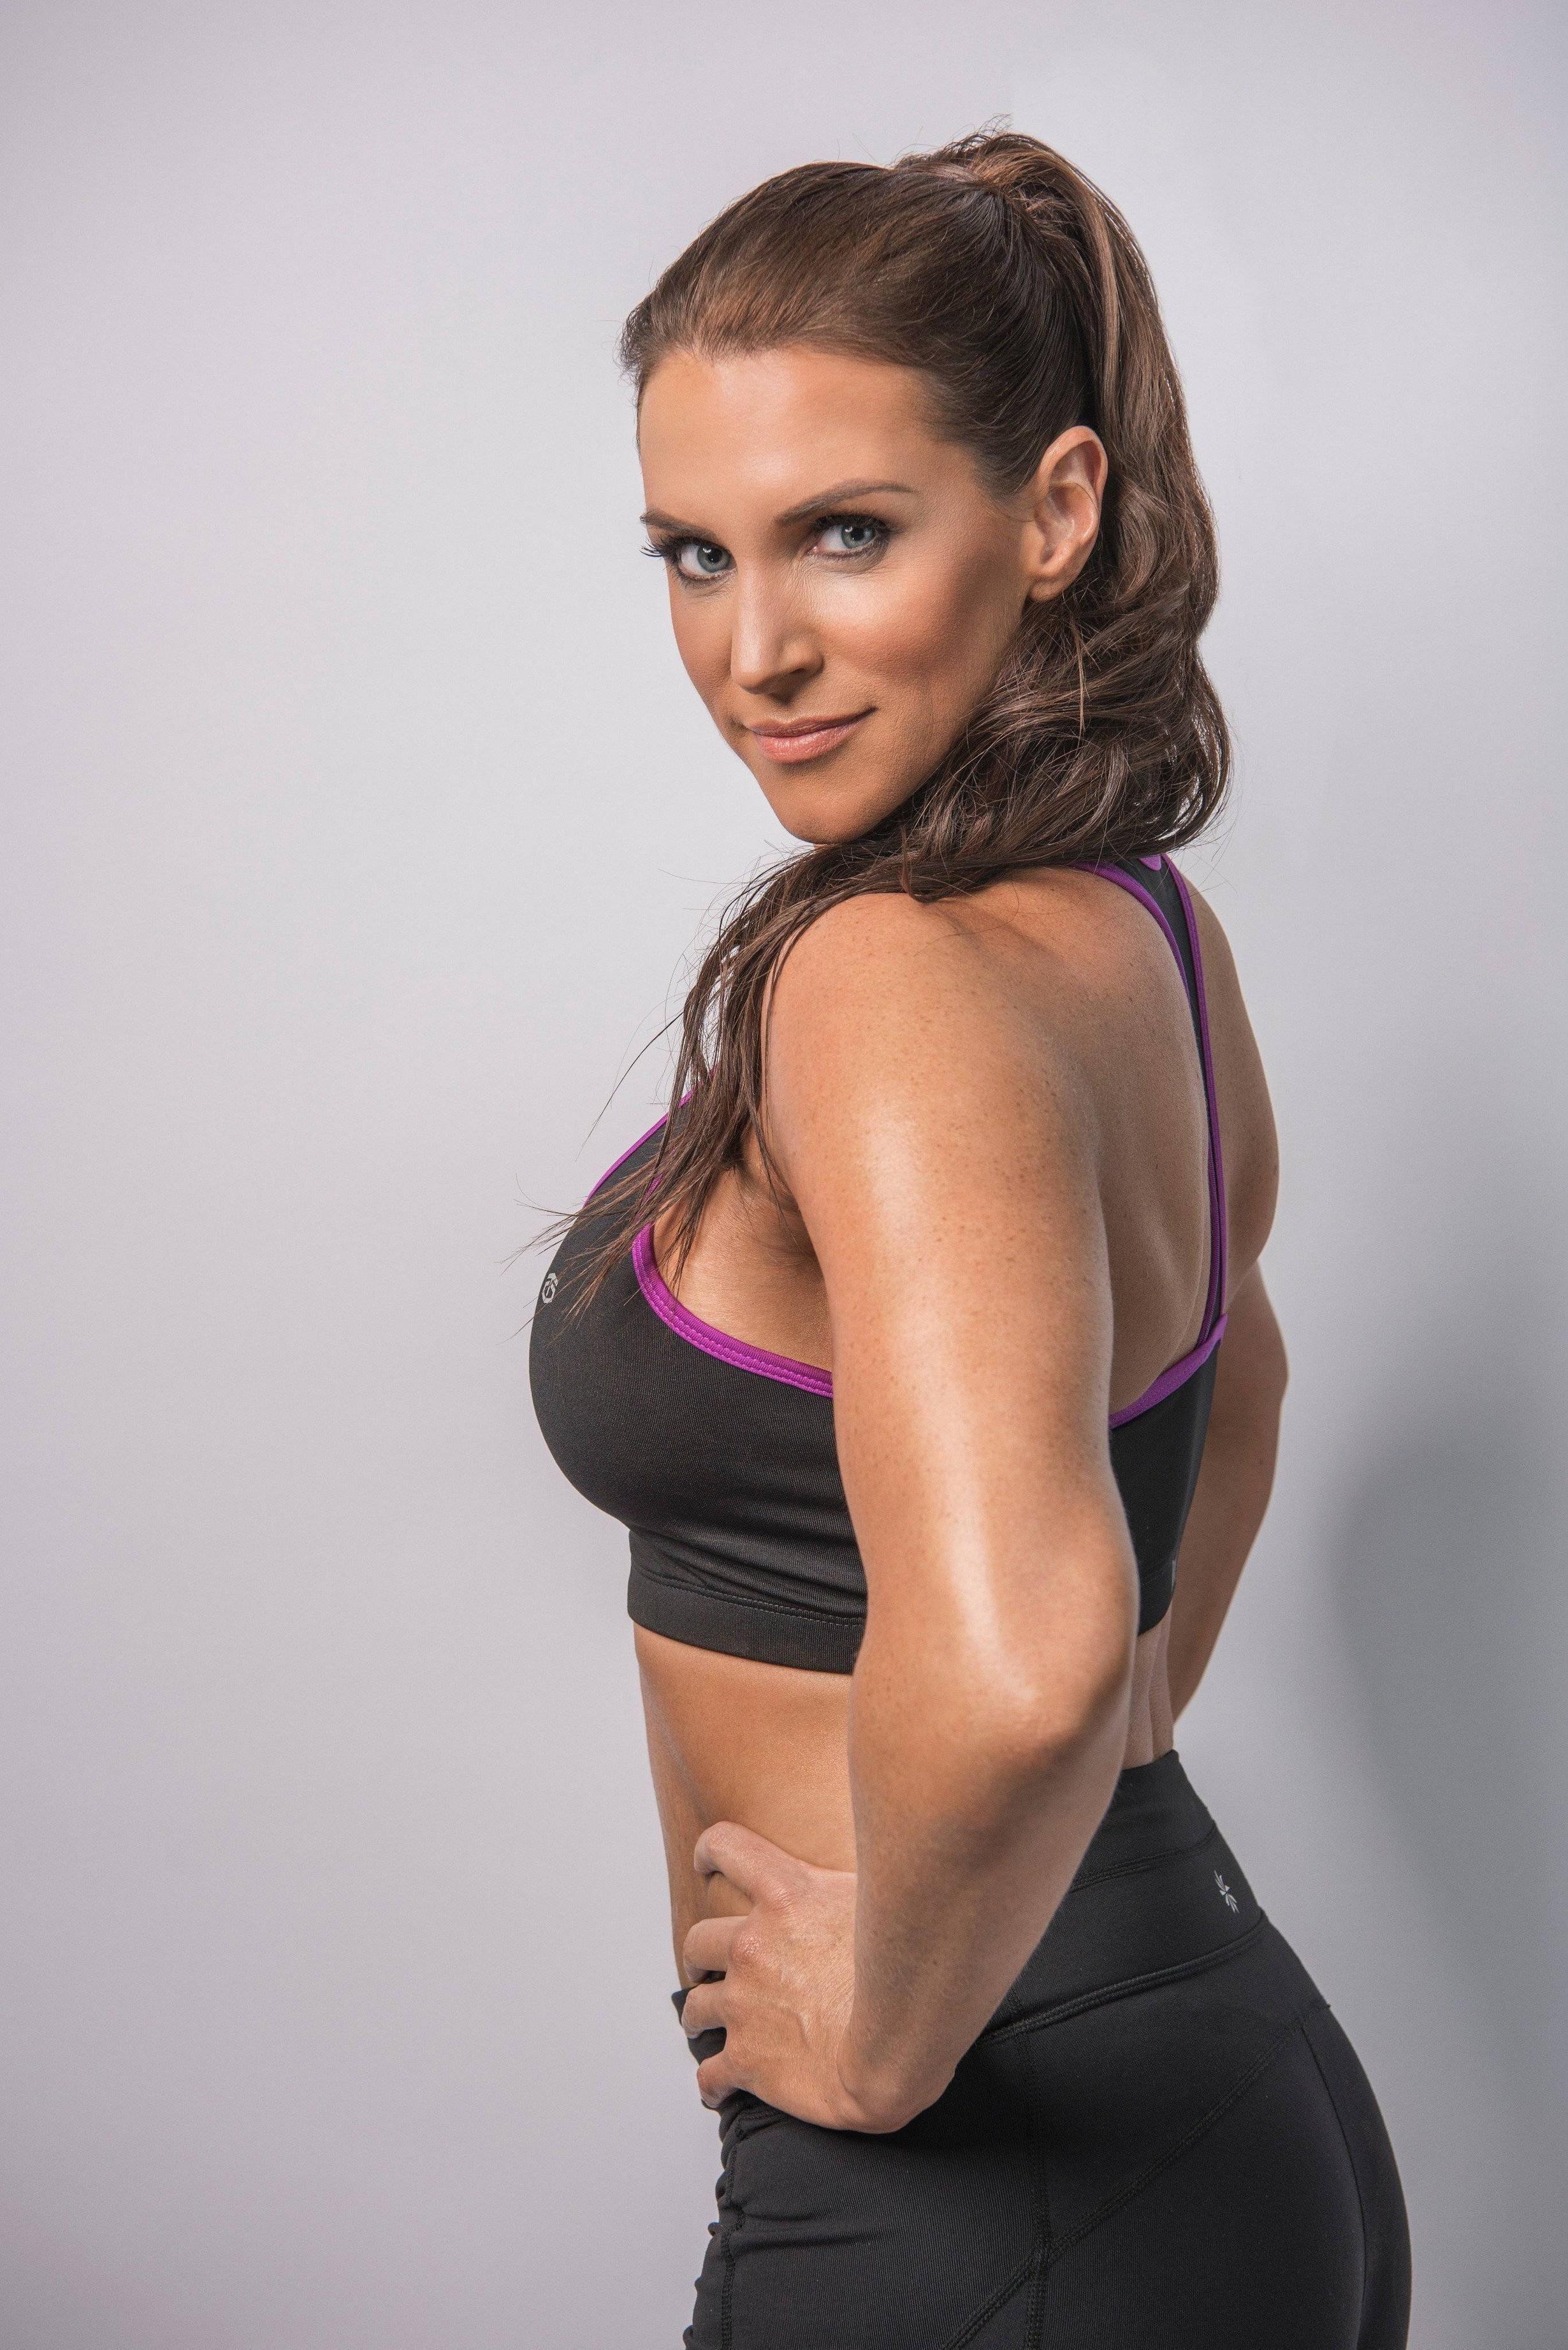 Stephanie mcmahon ass hot girls wallpaper